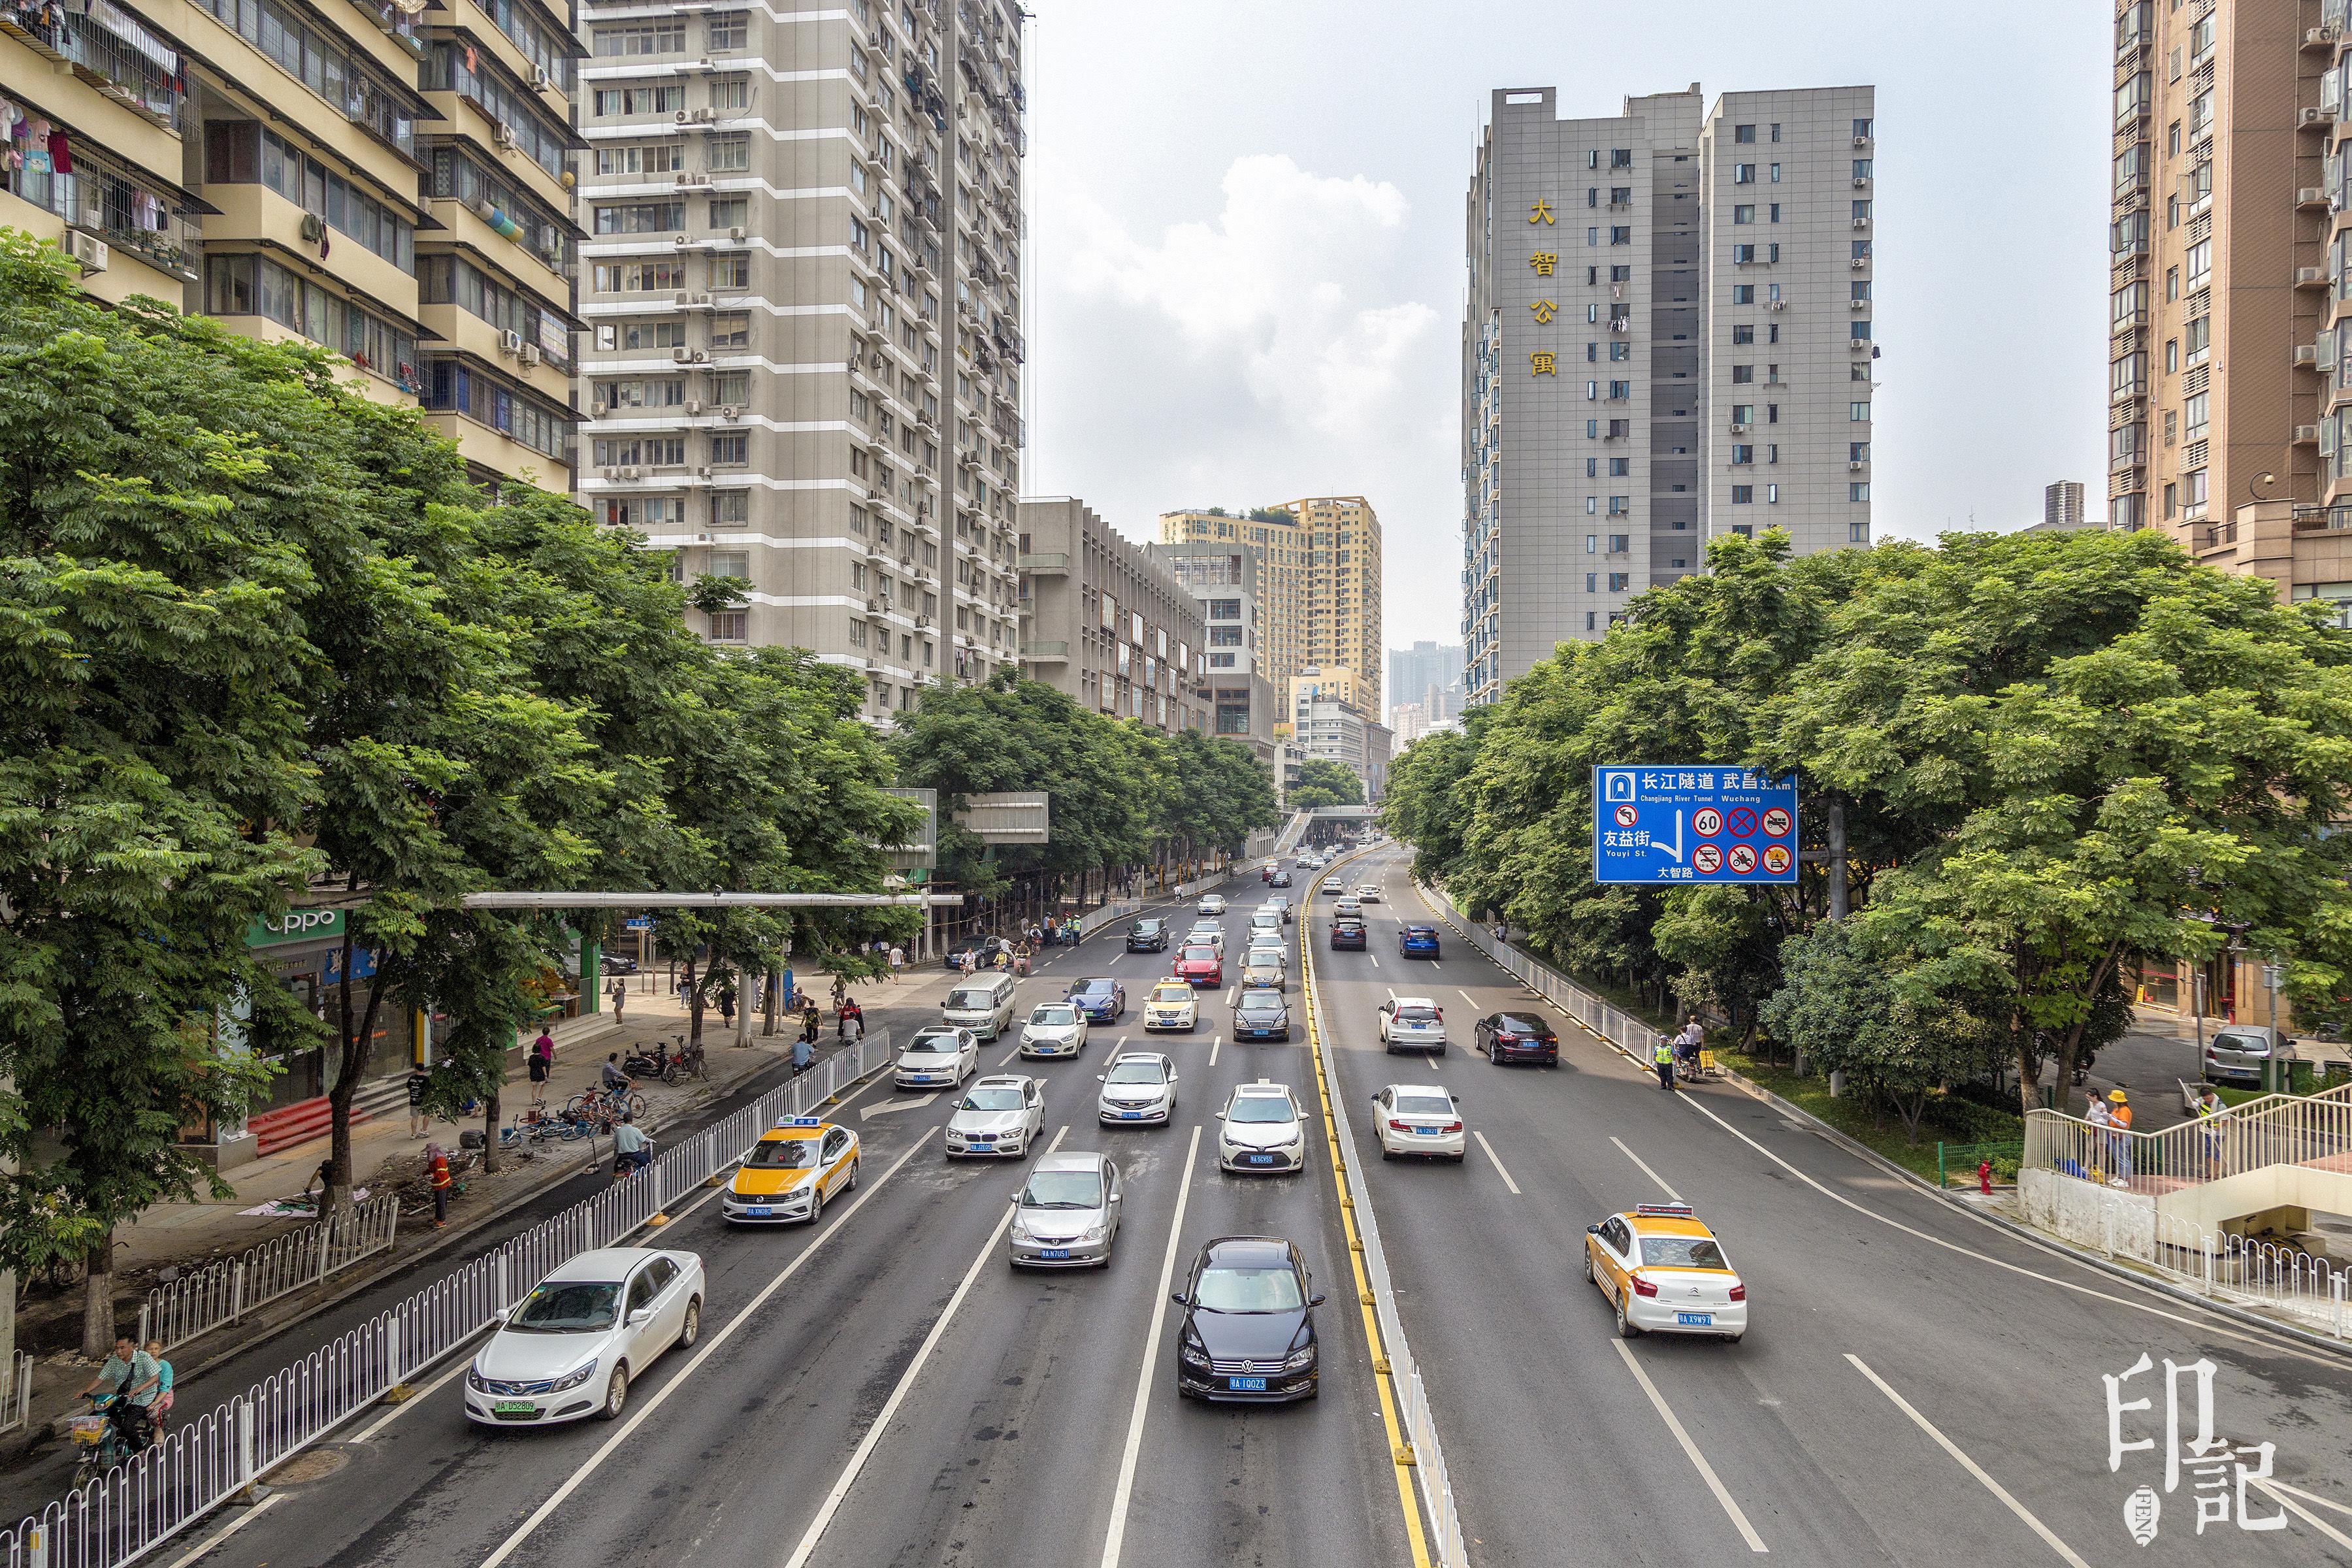 武汉市最老最繁华的商业大街,放眼望去,高楼林立,川流不息的车辆让这图片